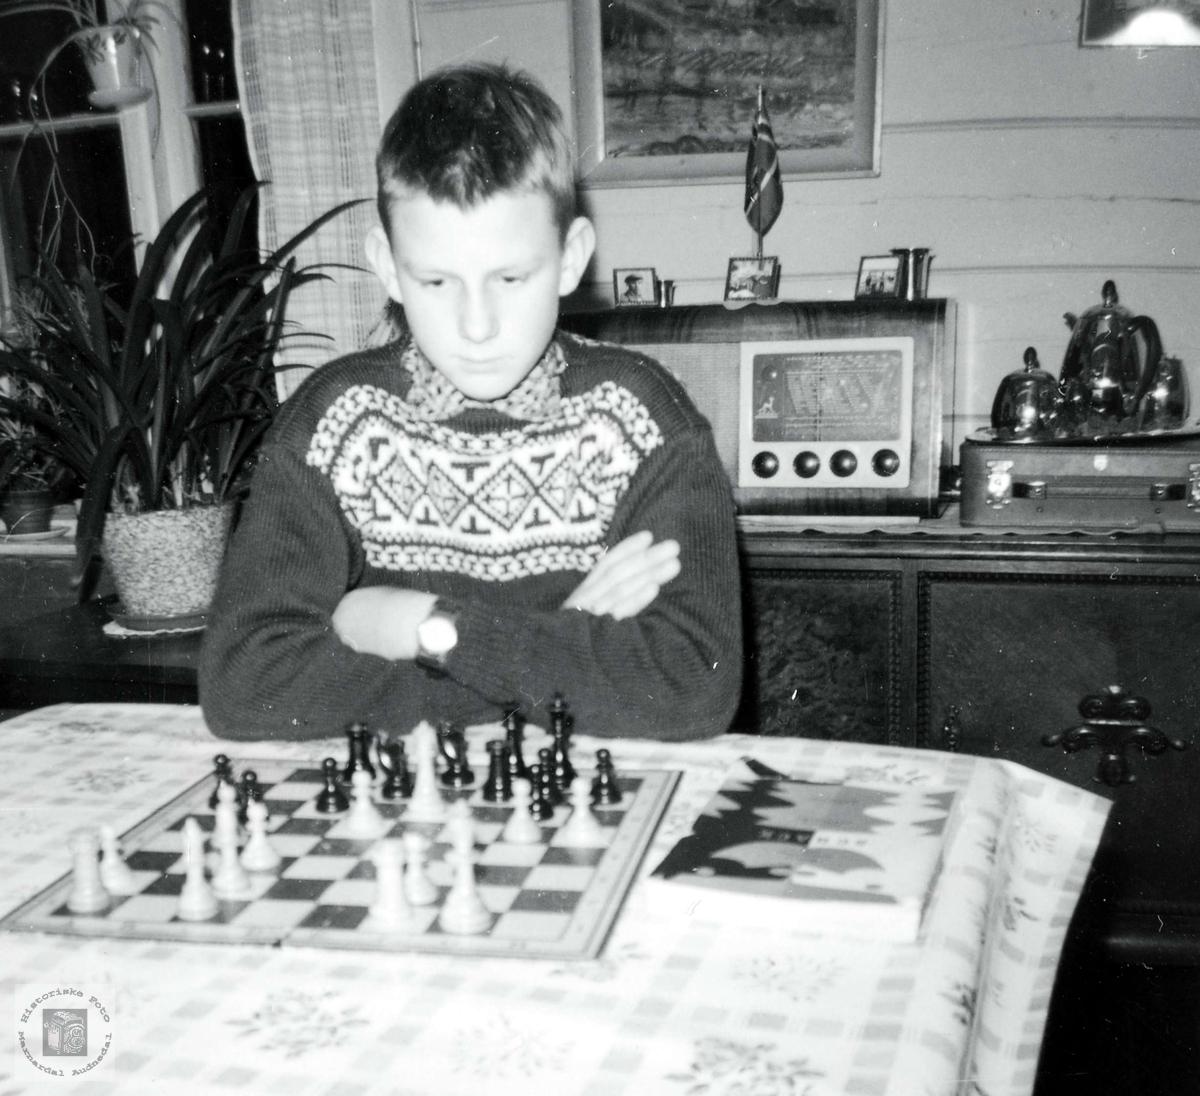 Sjakk er god hjernegymnastikk for Jan Harry Iglebekk. Grindheim Audnedal.